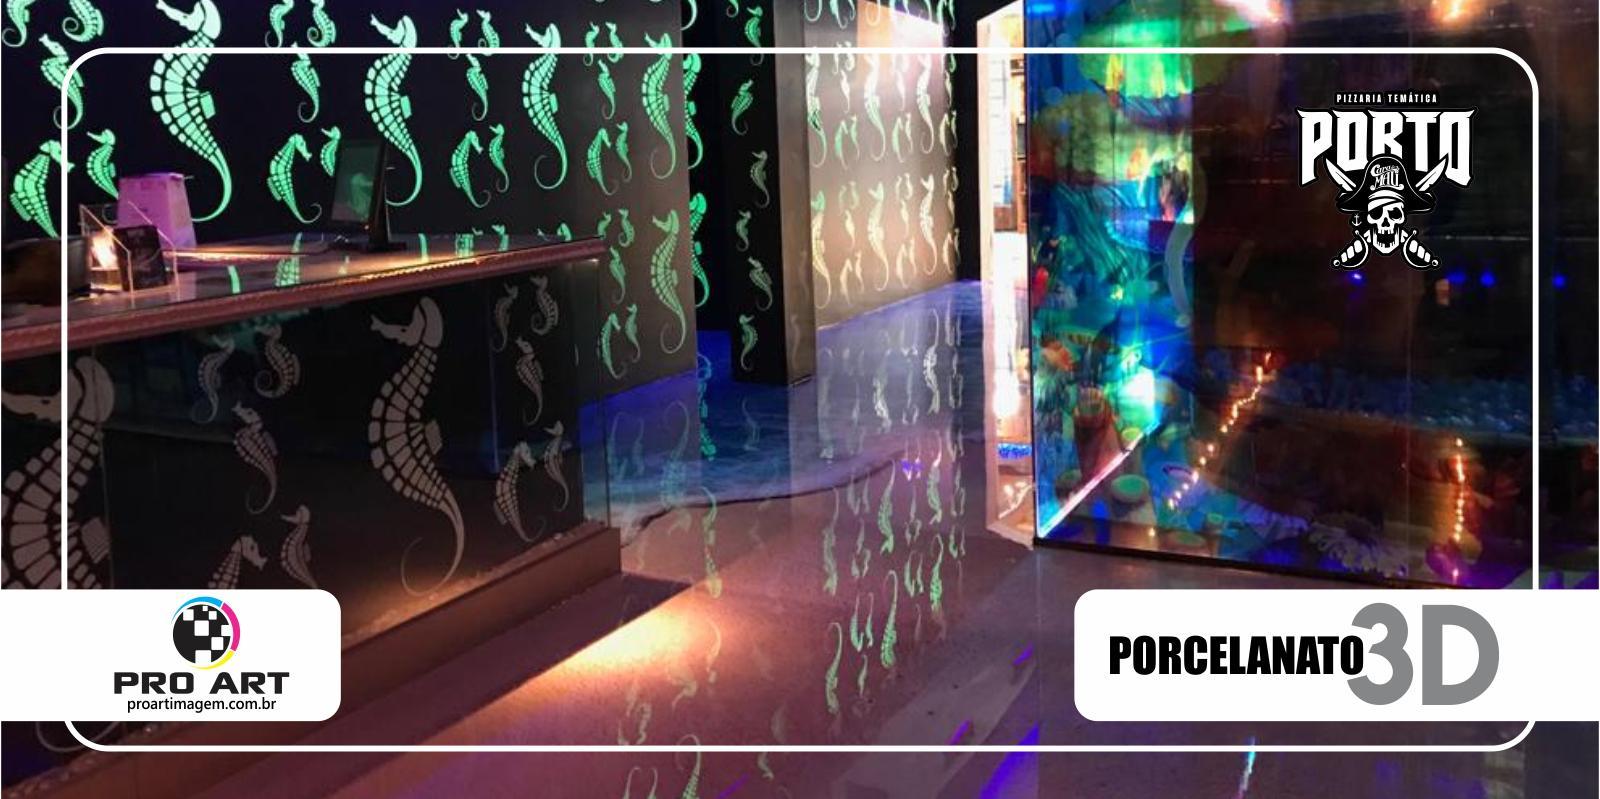 Porcelanato 3D - Porto Cara de Mau